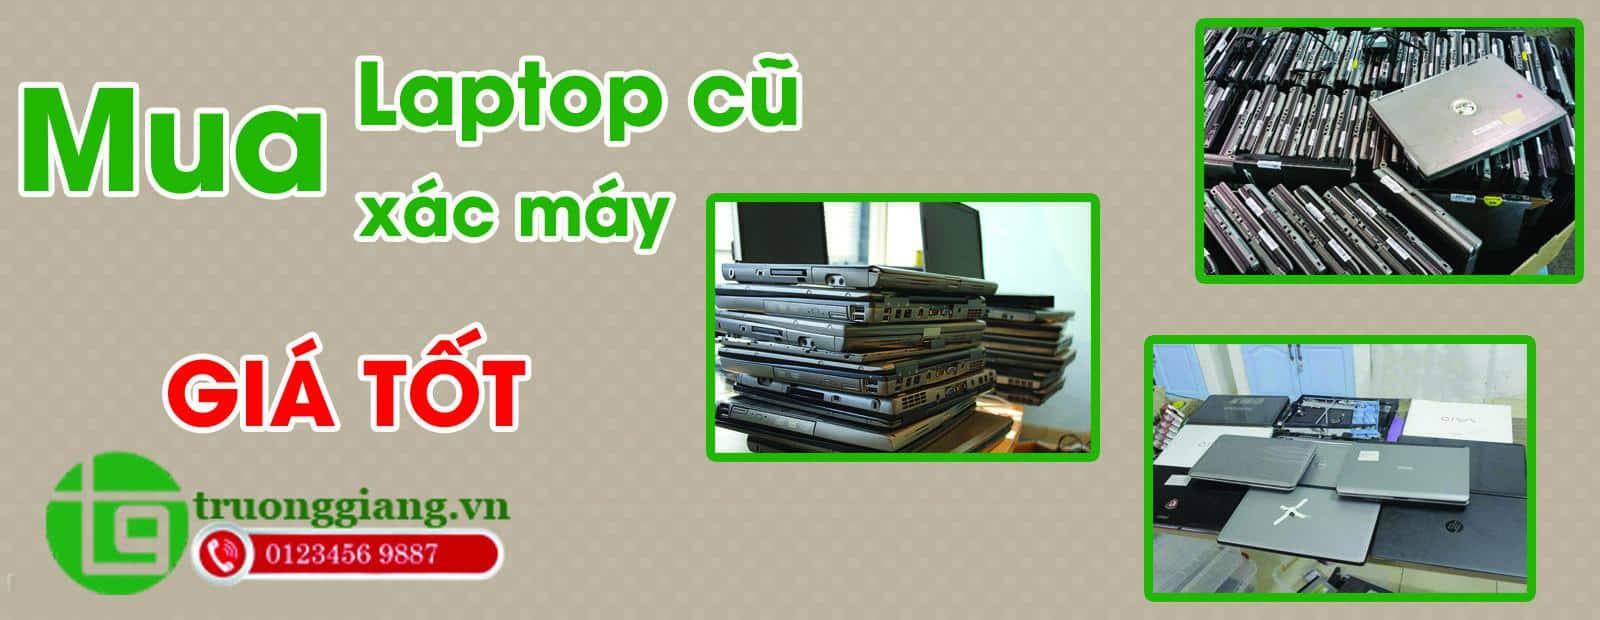 Thu mua laptop cũ giá cao tại Đà Nẵng